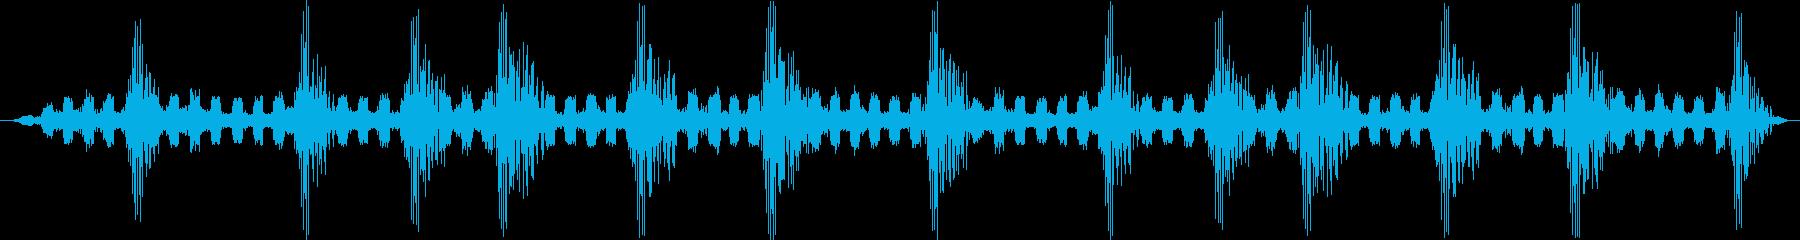 虫の声をステレオ録音したものですの再生済みの波形